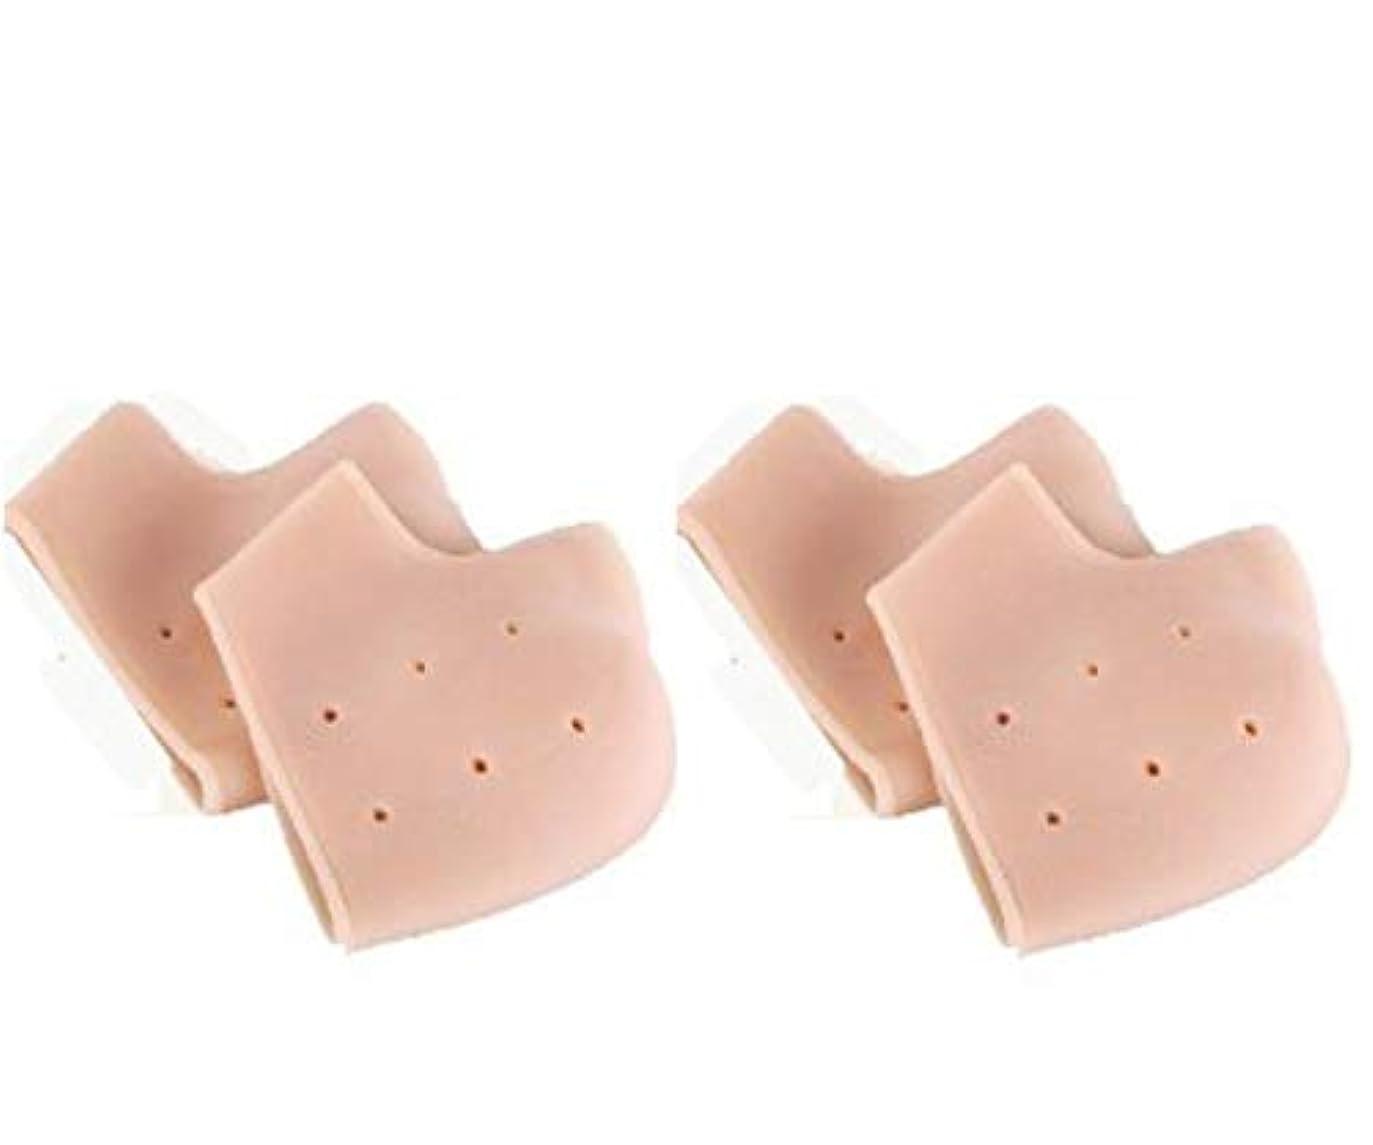 トレーニングしない特殊かかと サポーター 保護 ヒビ割れ対策 保湿 靴下 ワセリン クッション シリコン インソール 4個 ケア